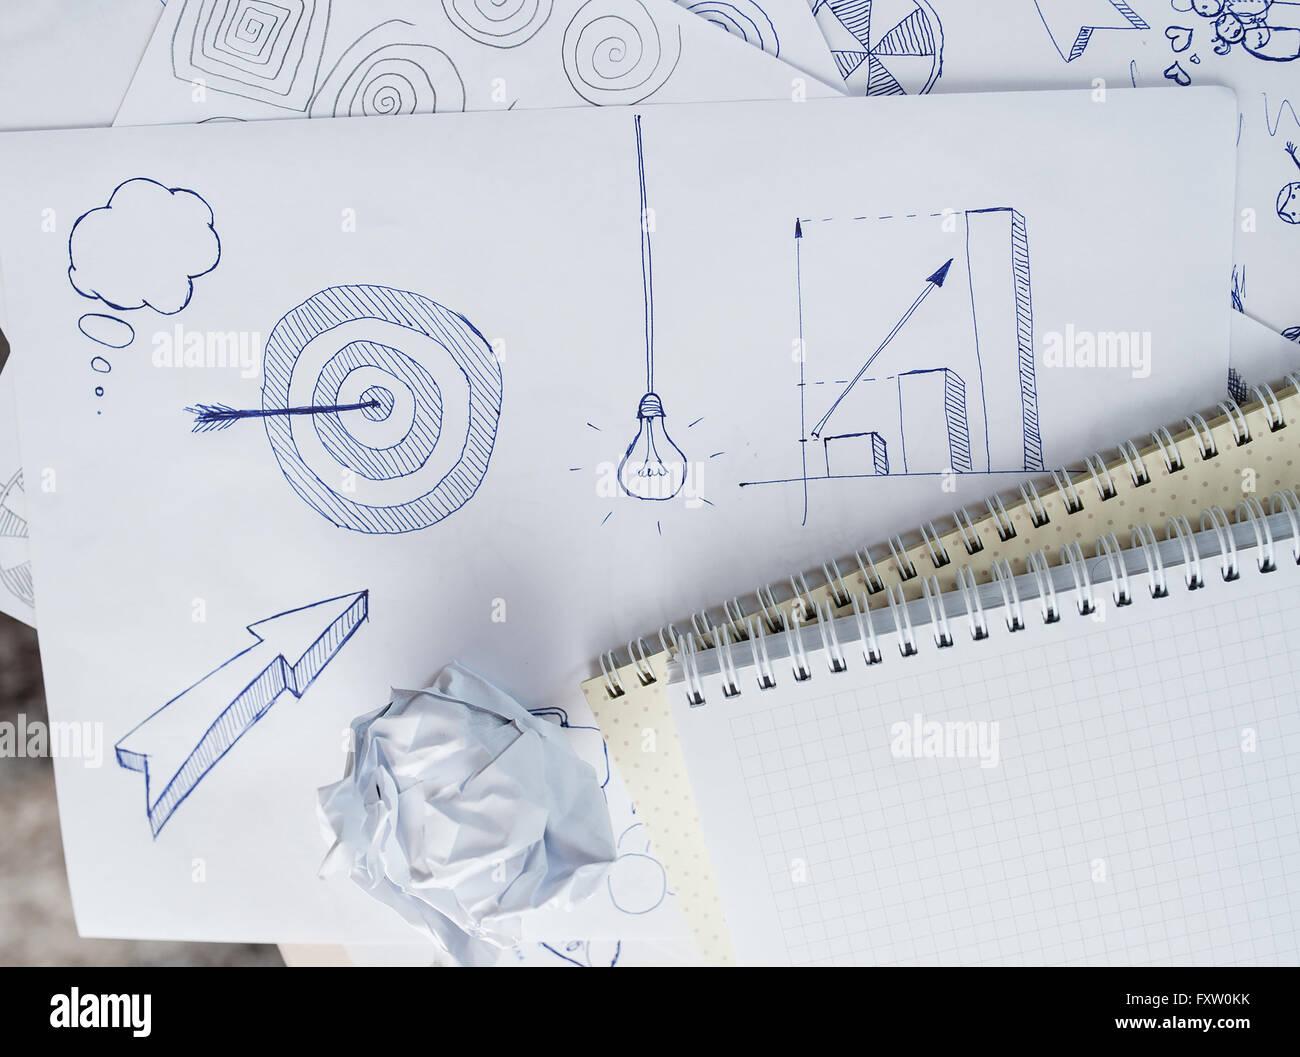 Impostare disegno a mano libera schizzi sul tema del business Immagini Stock